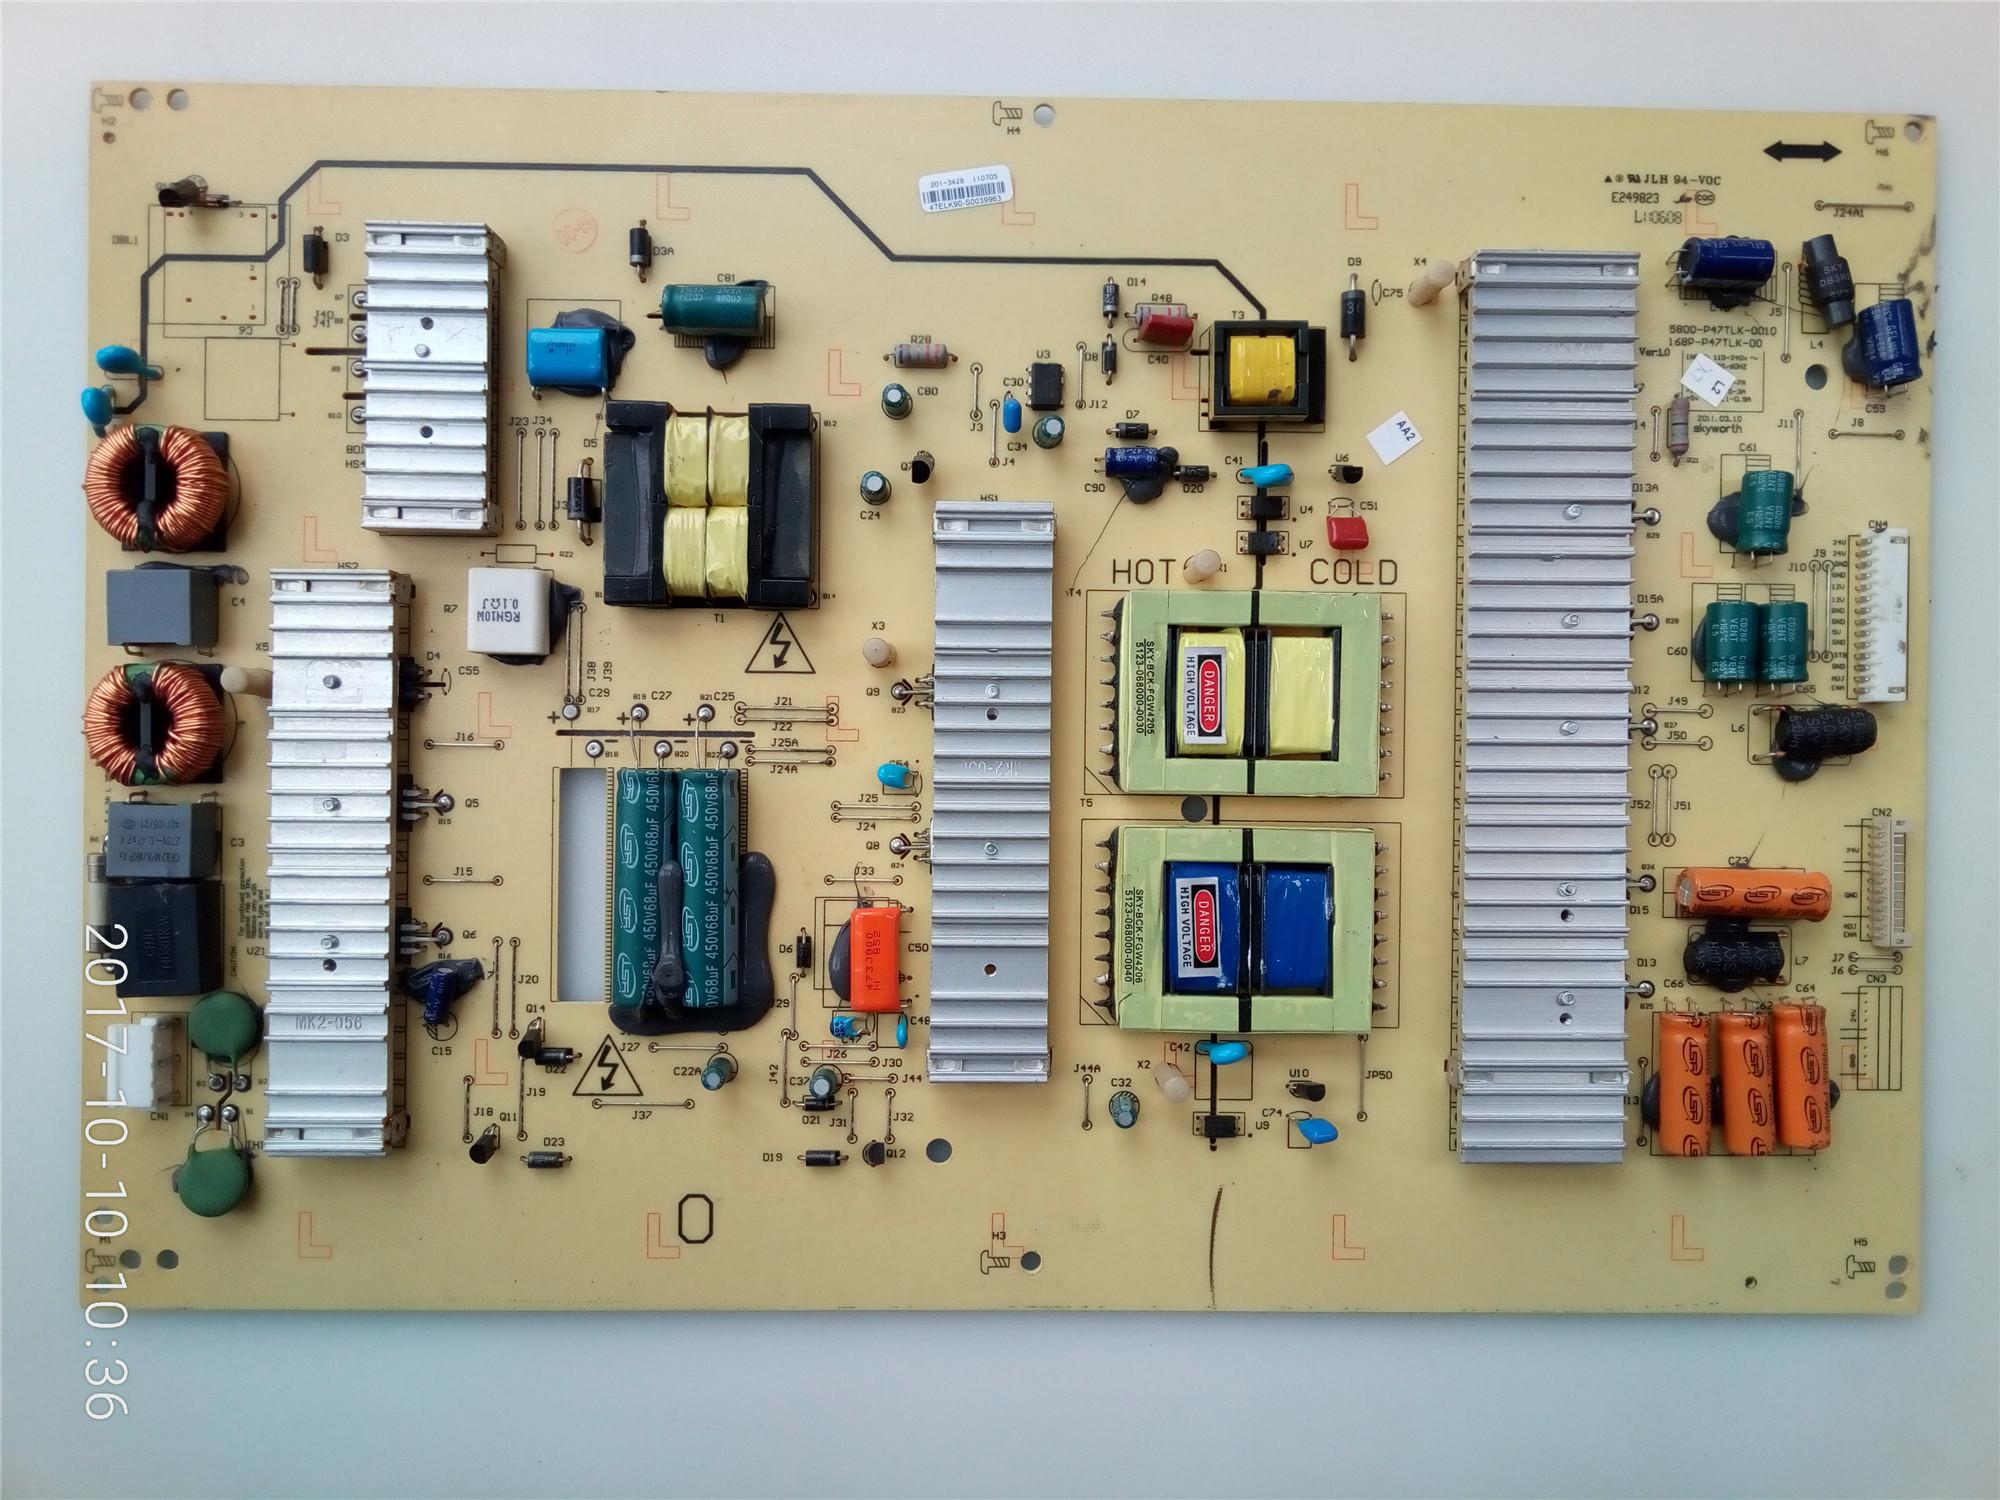 razsežnost 42E60HR lcd tv 5800-P47TLK-0000168P-P47TLK-00 prvotni napajalne plošče